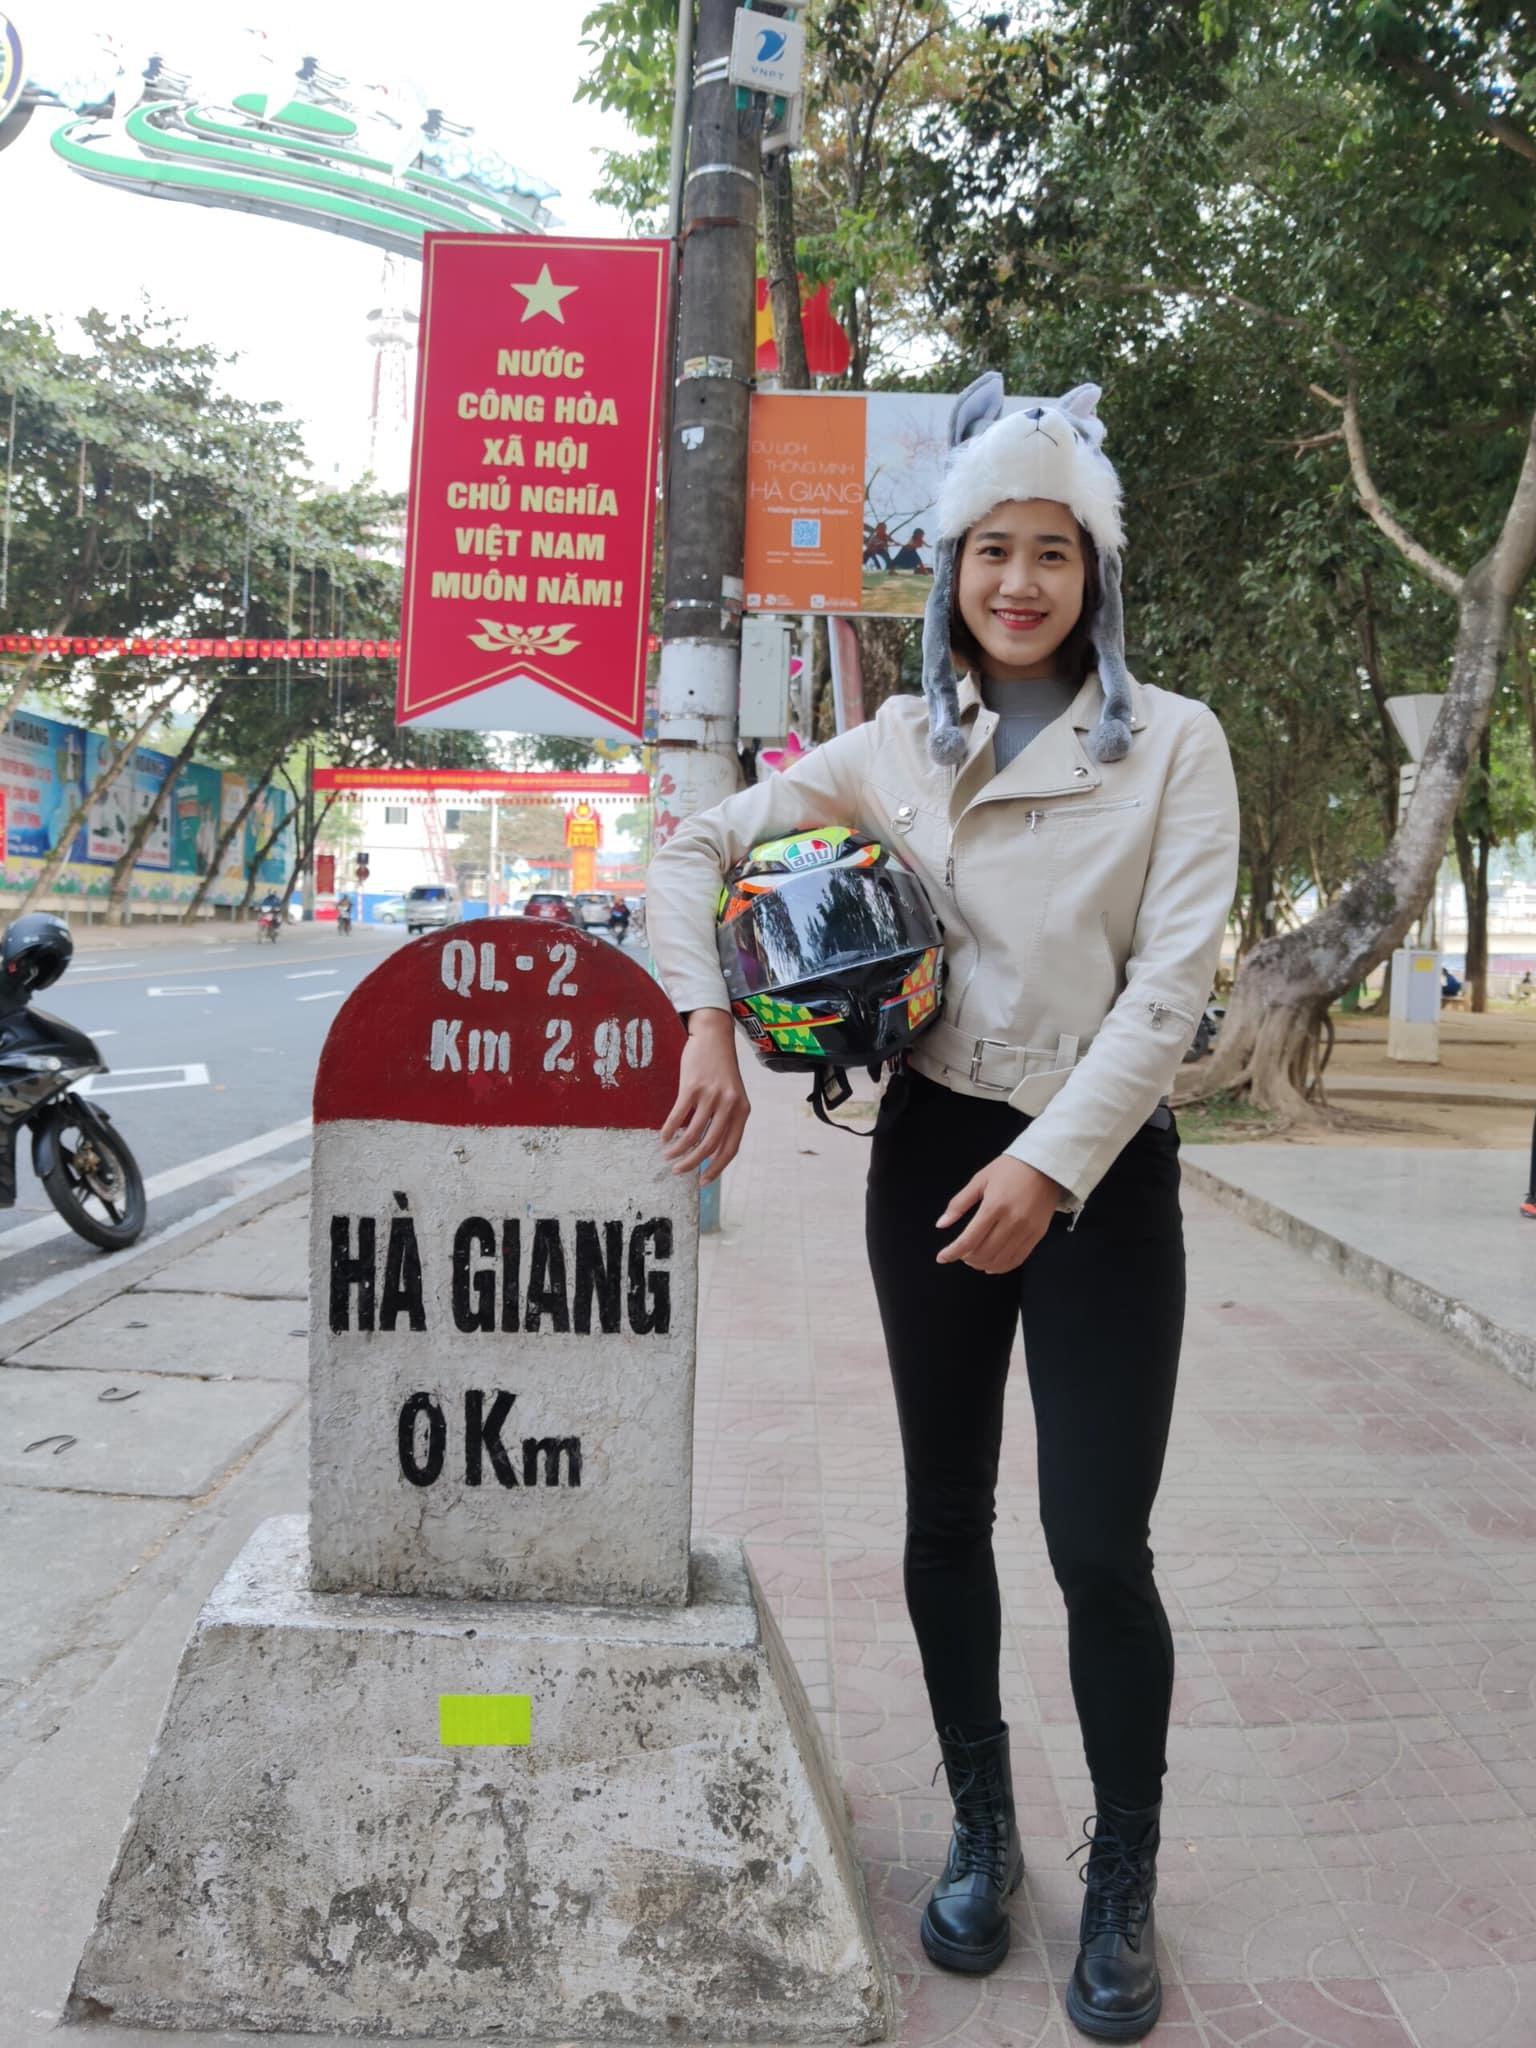 Cô gái xinh đẹp chạy xe máy 'phượt' Hà Giang một mình, ít ai dám làm theo